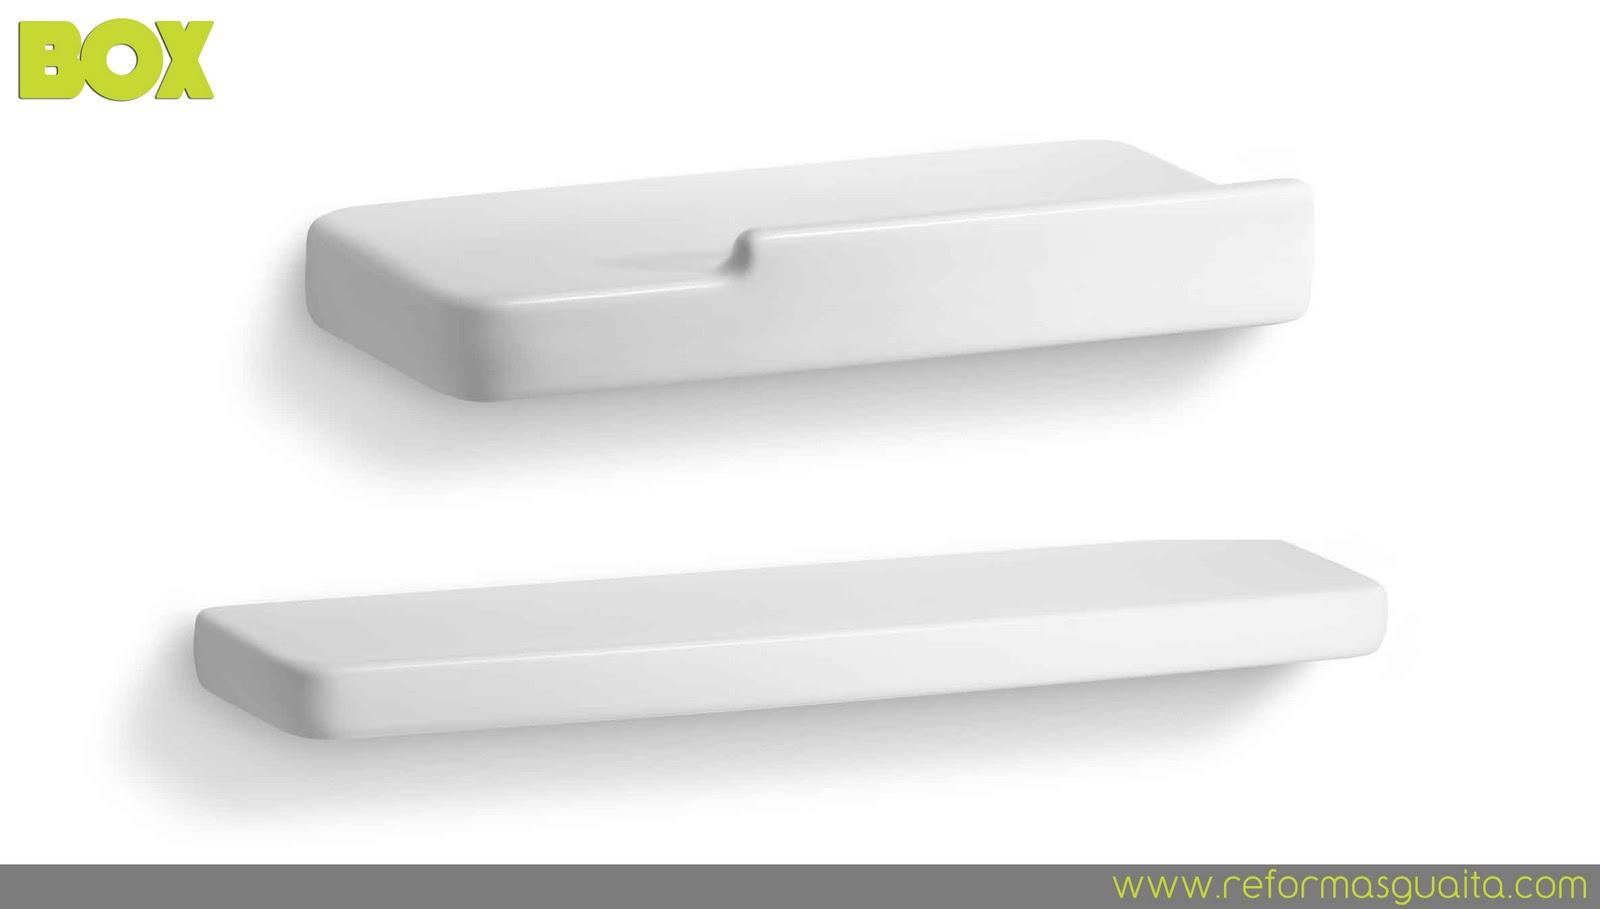 accesorios de ba o de porcelana